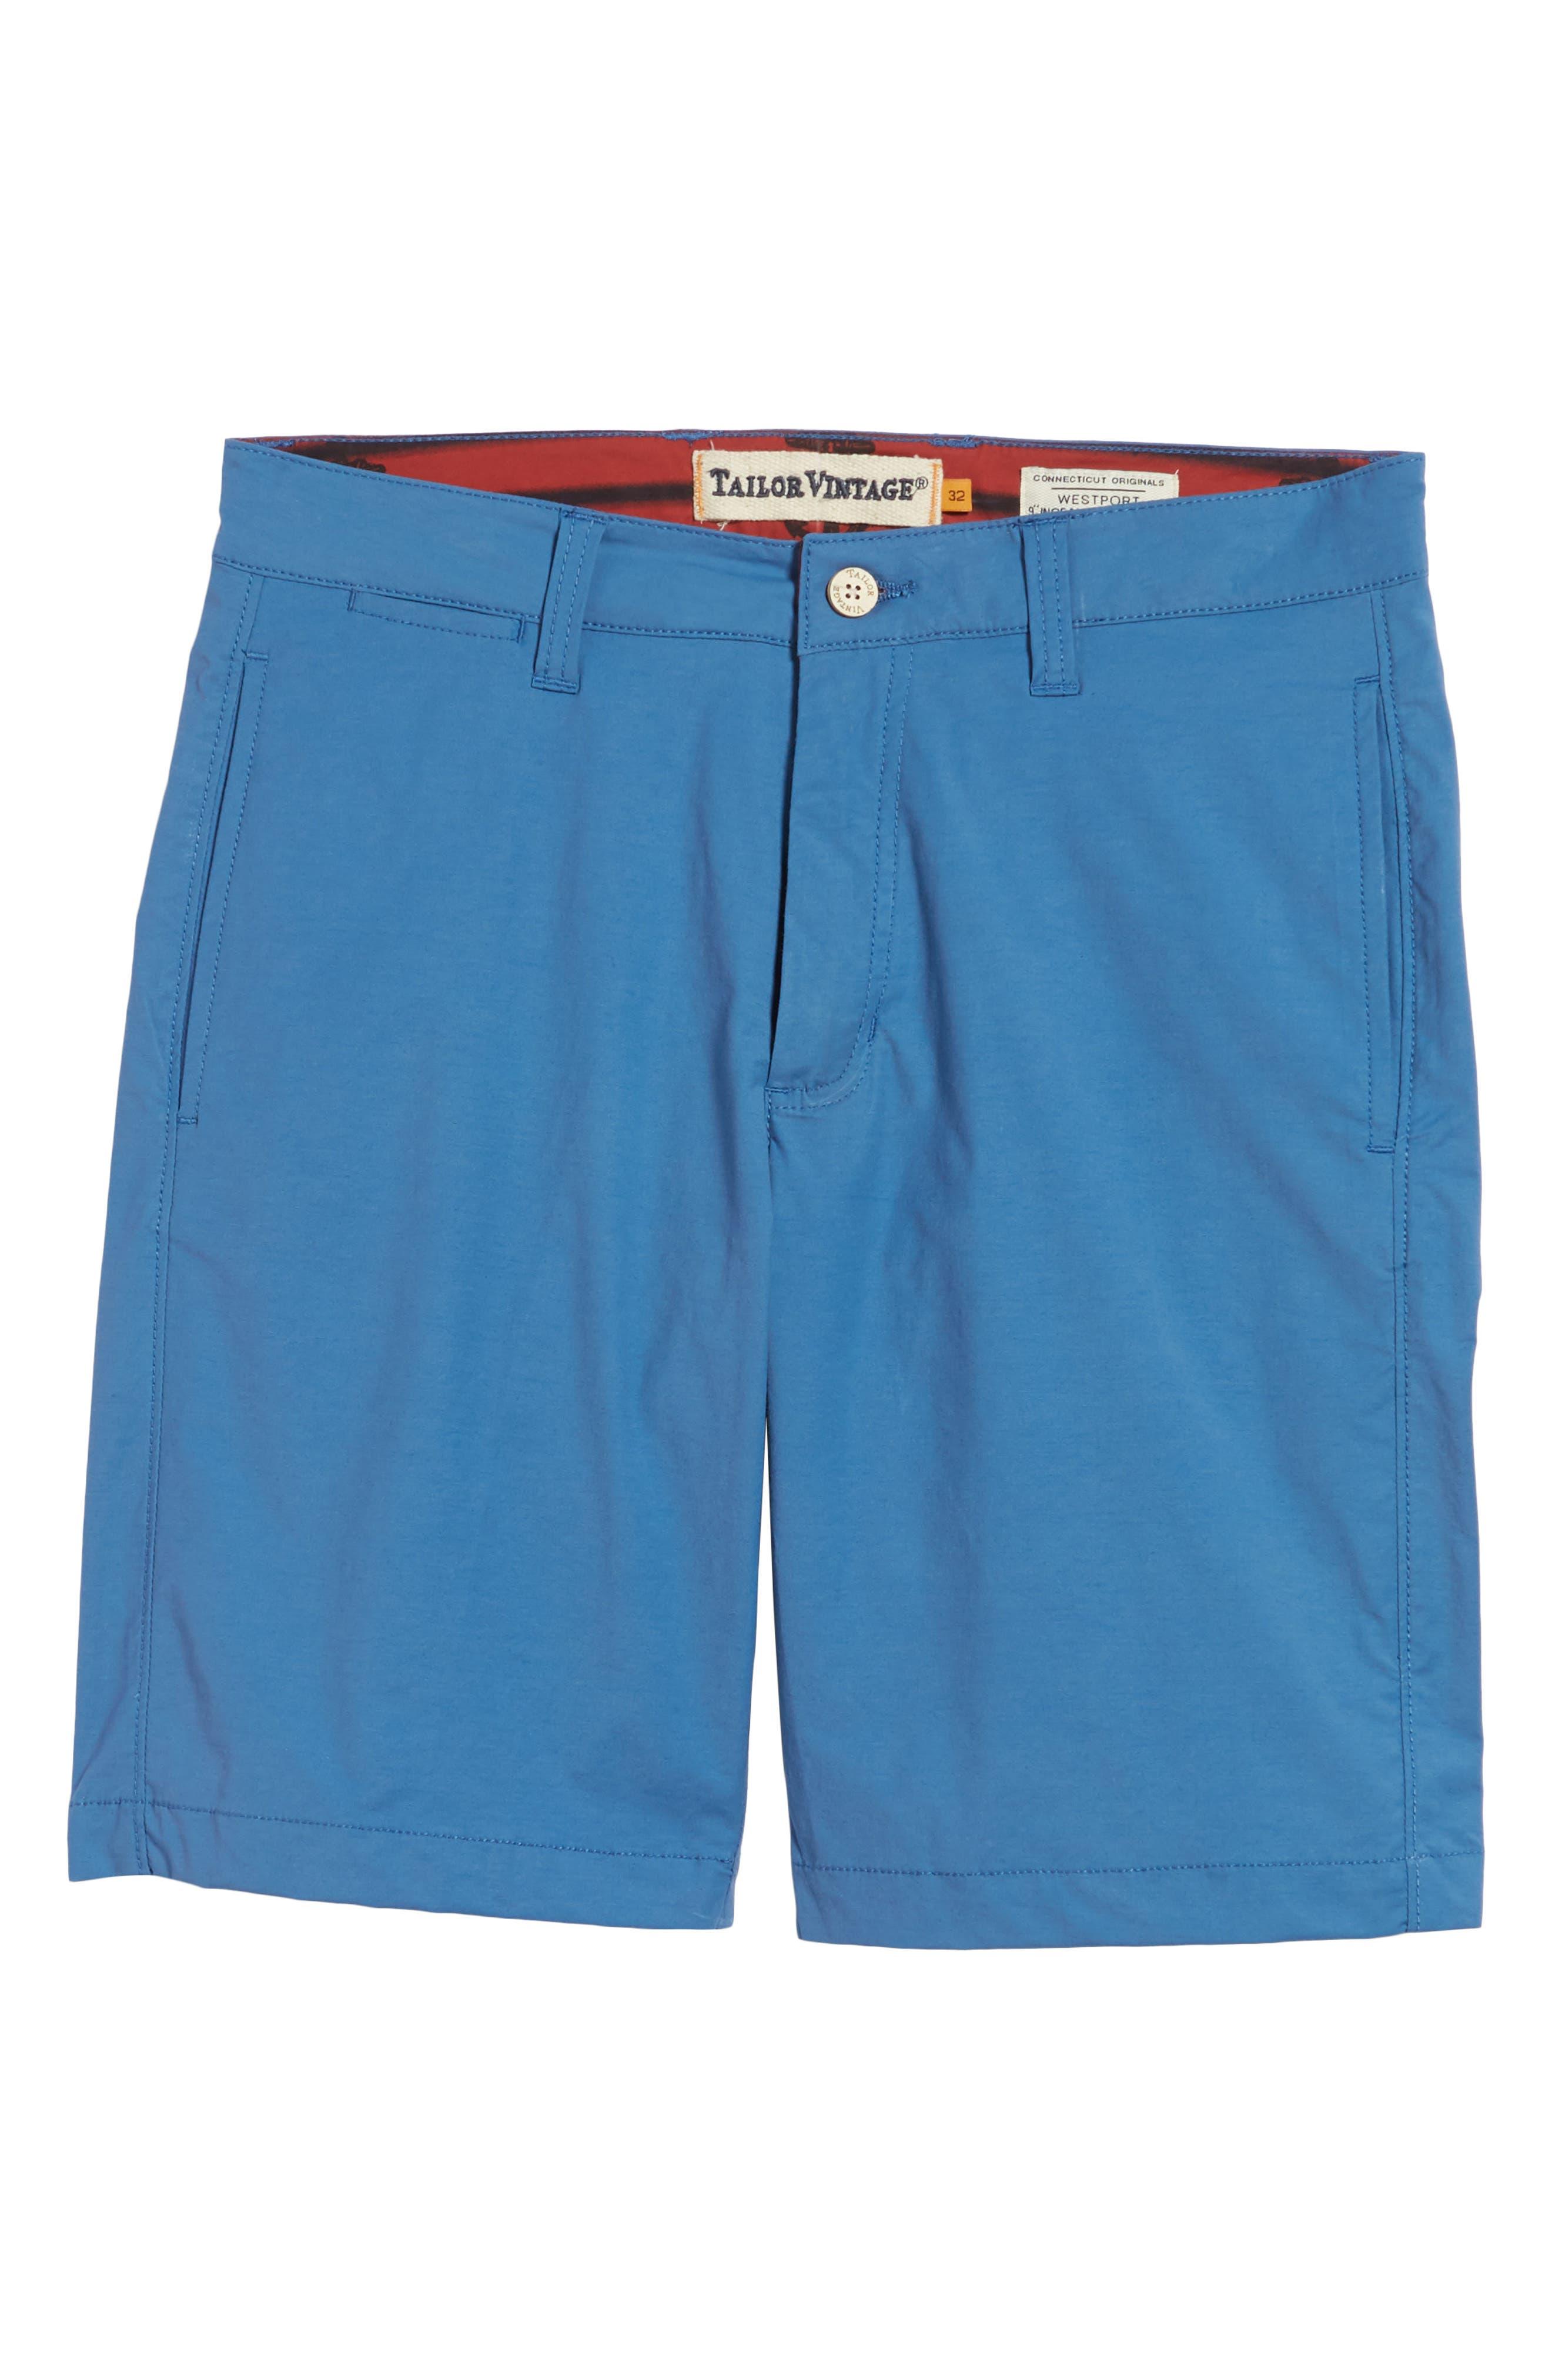 Stretch Cotton Blend Shorts,                             Alternate thumbnail 6, color,                             Delft